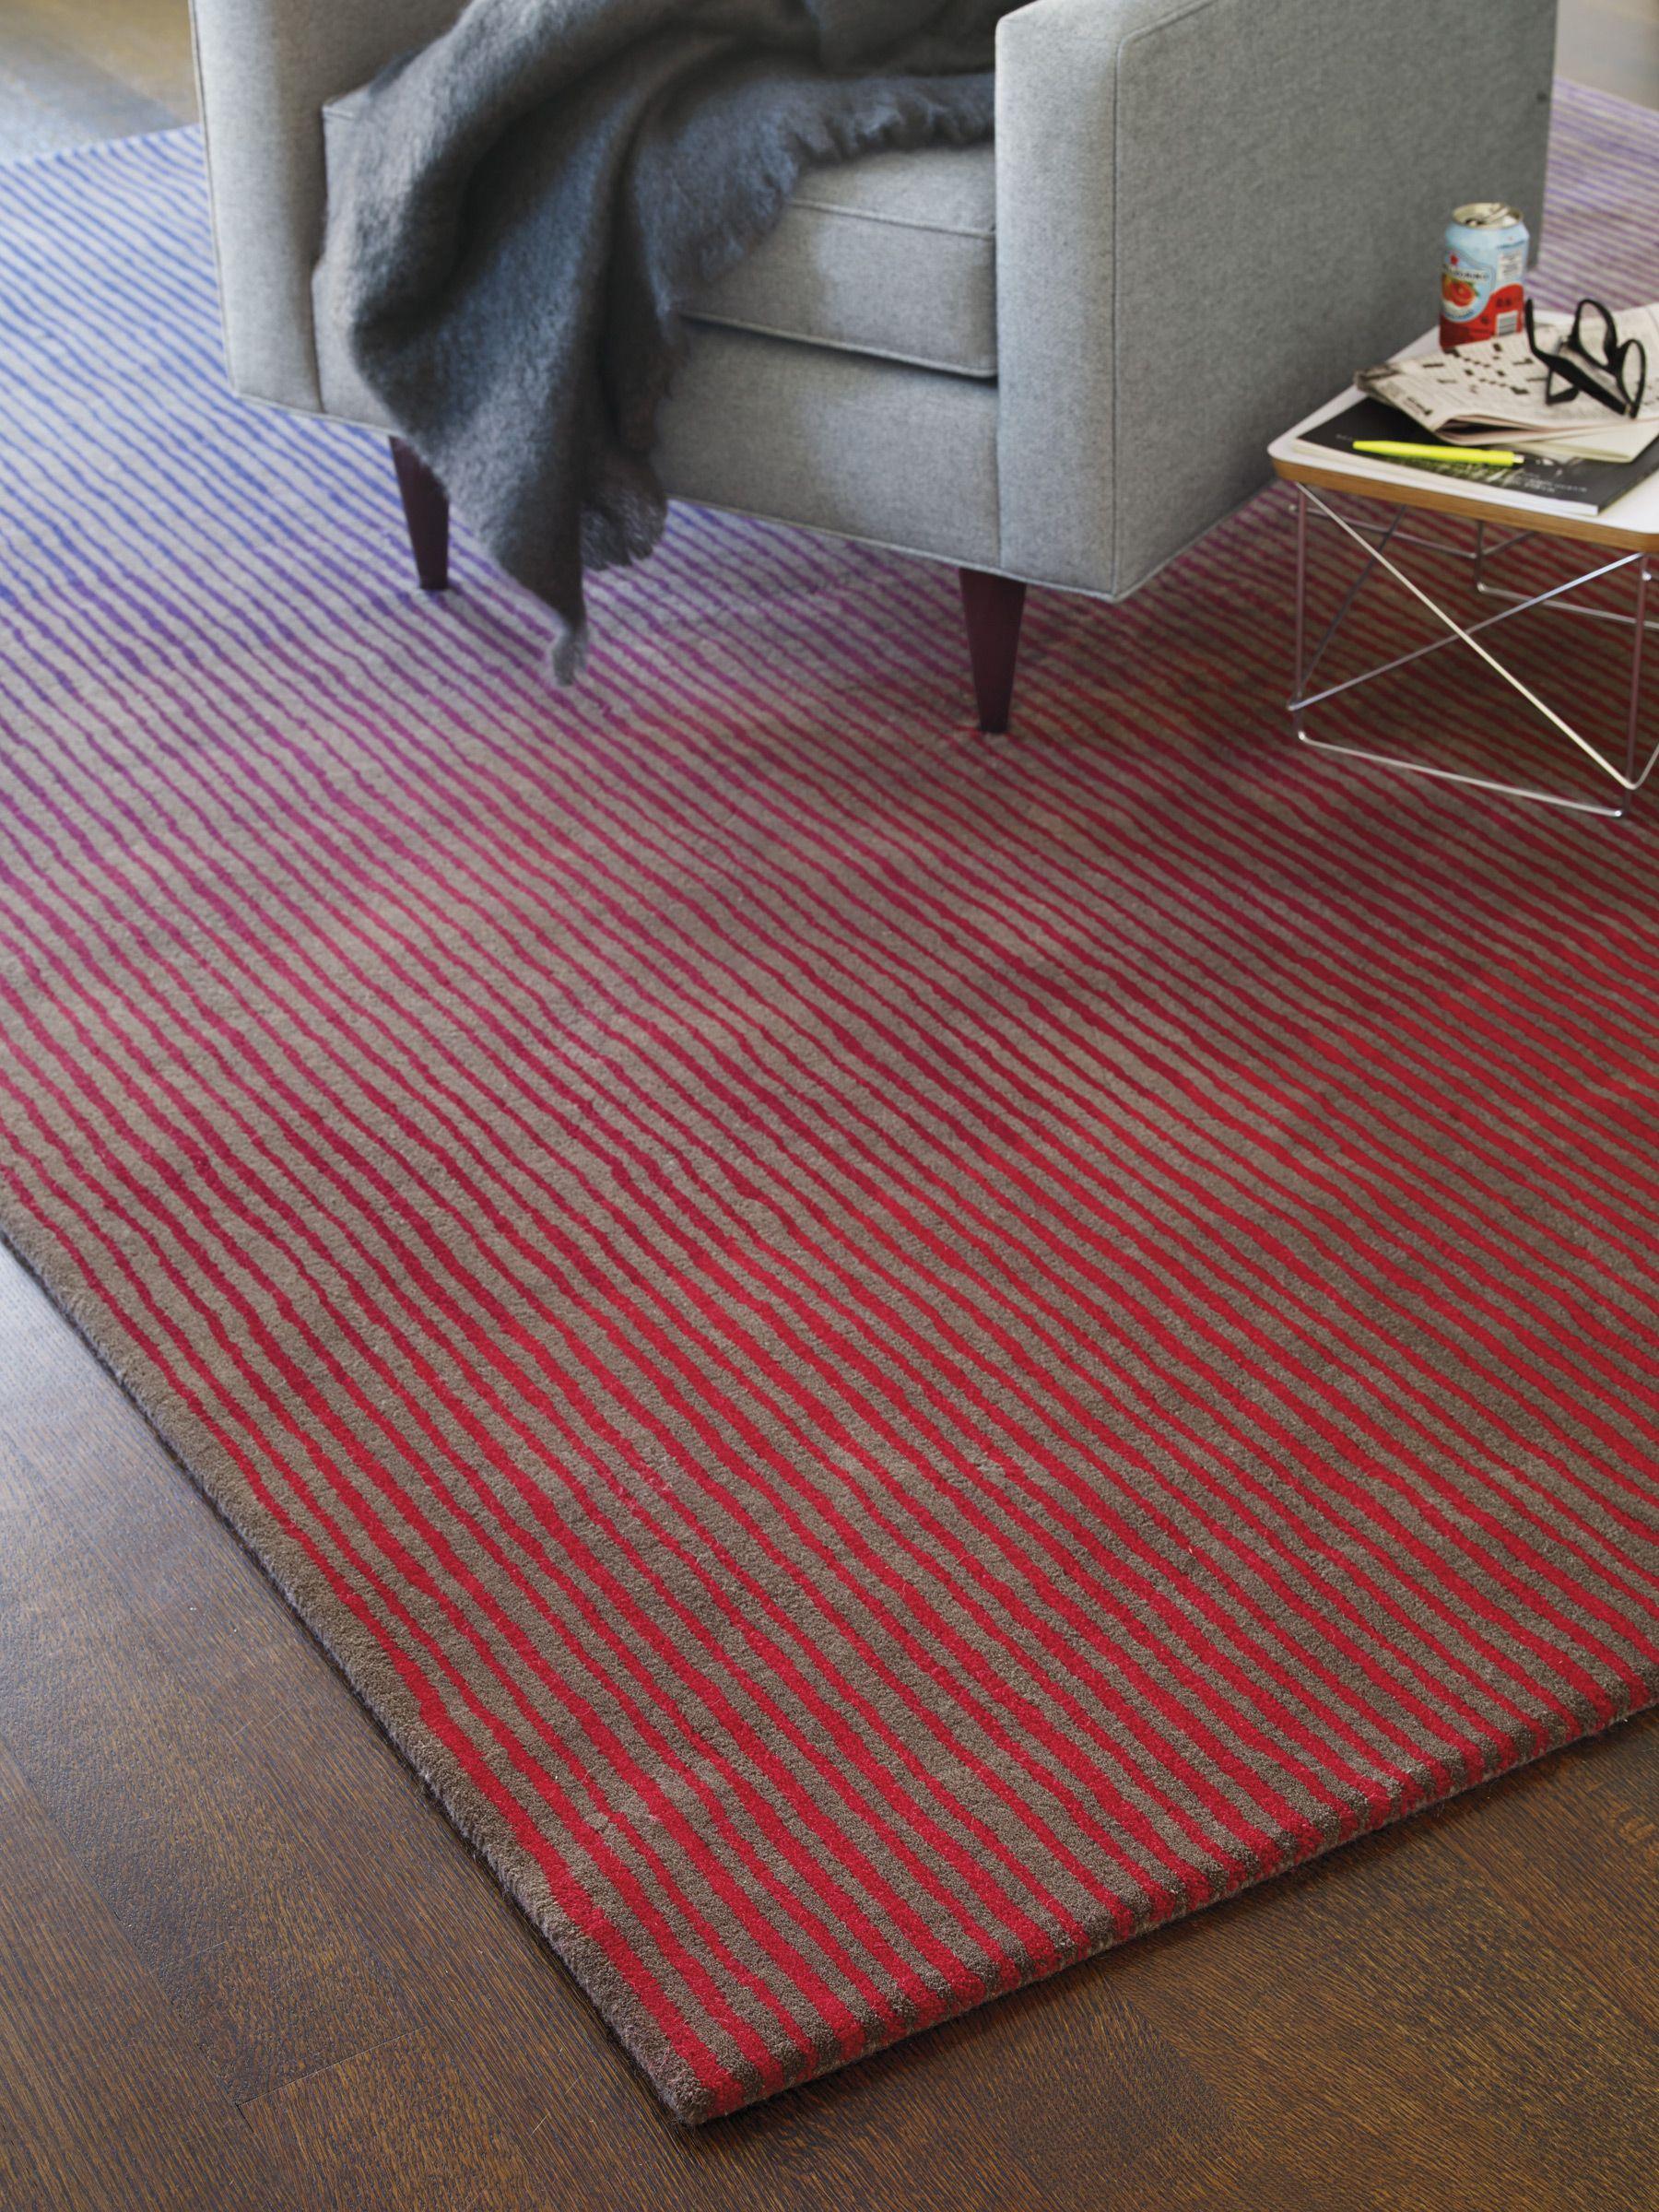 Wavering Rug Designed By Milton Glaser Rug Design Rugs Area Rug Design